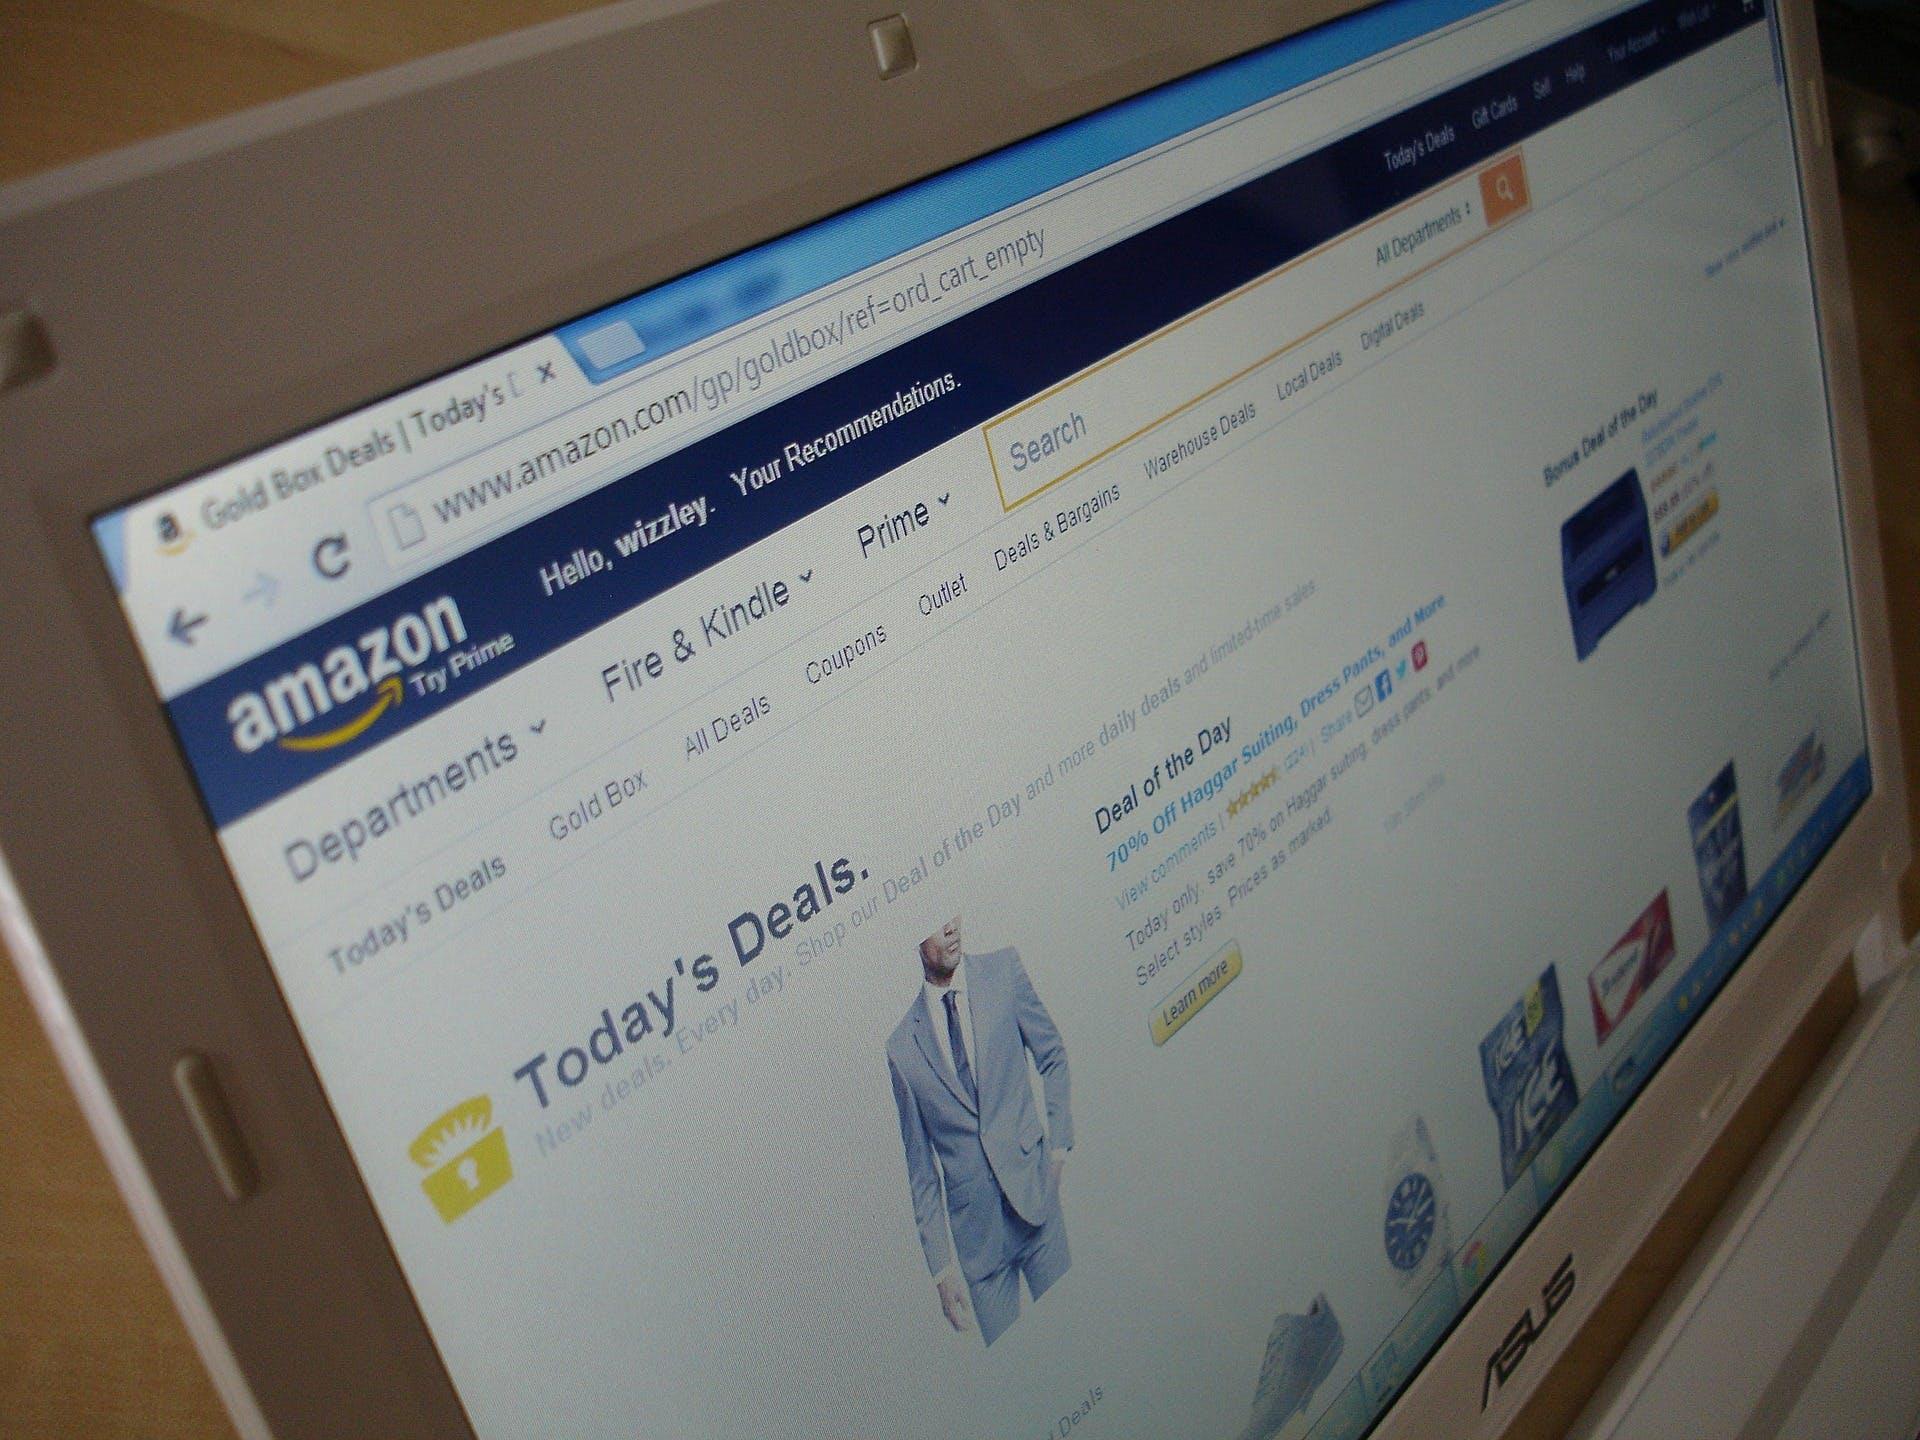 foto da tela de um computador com o site da amazon aberto